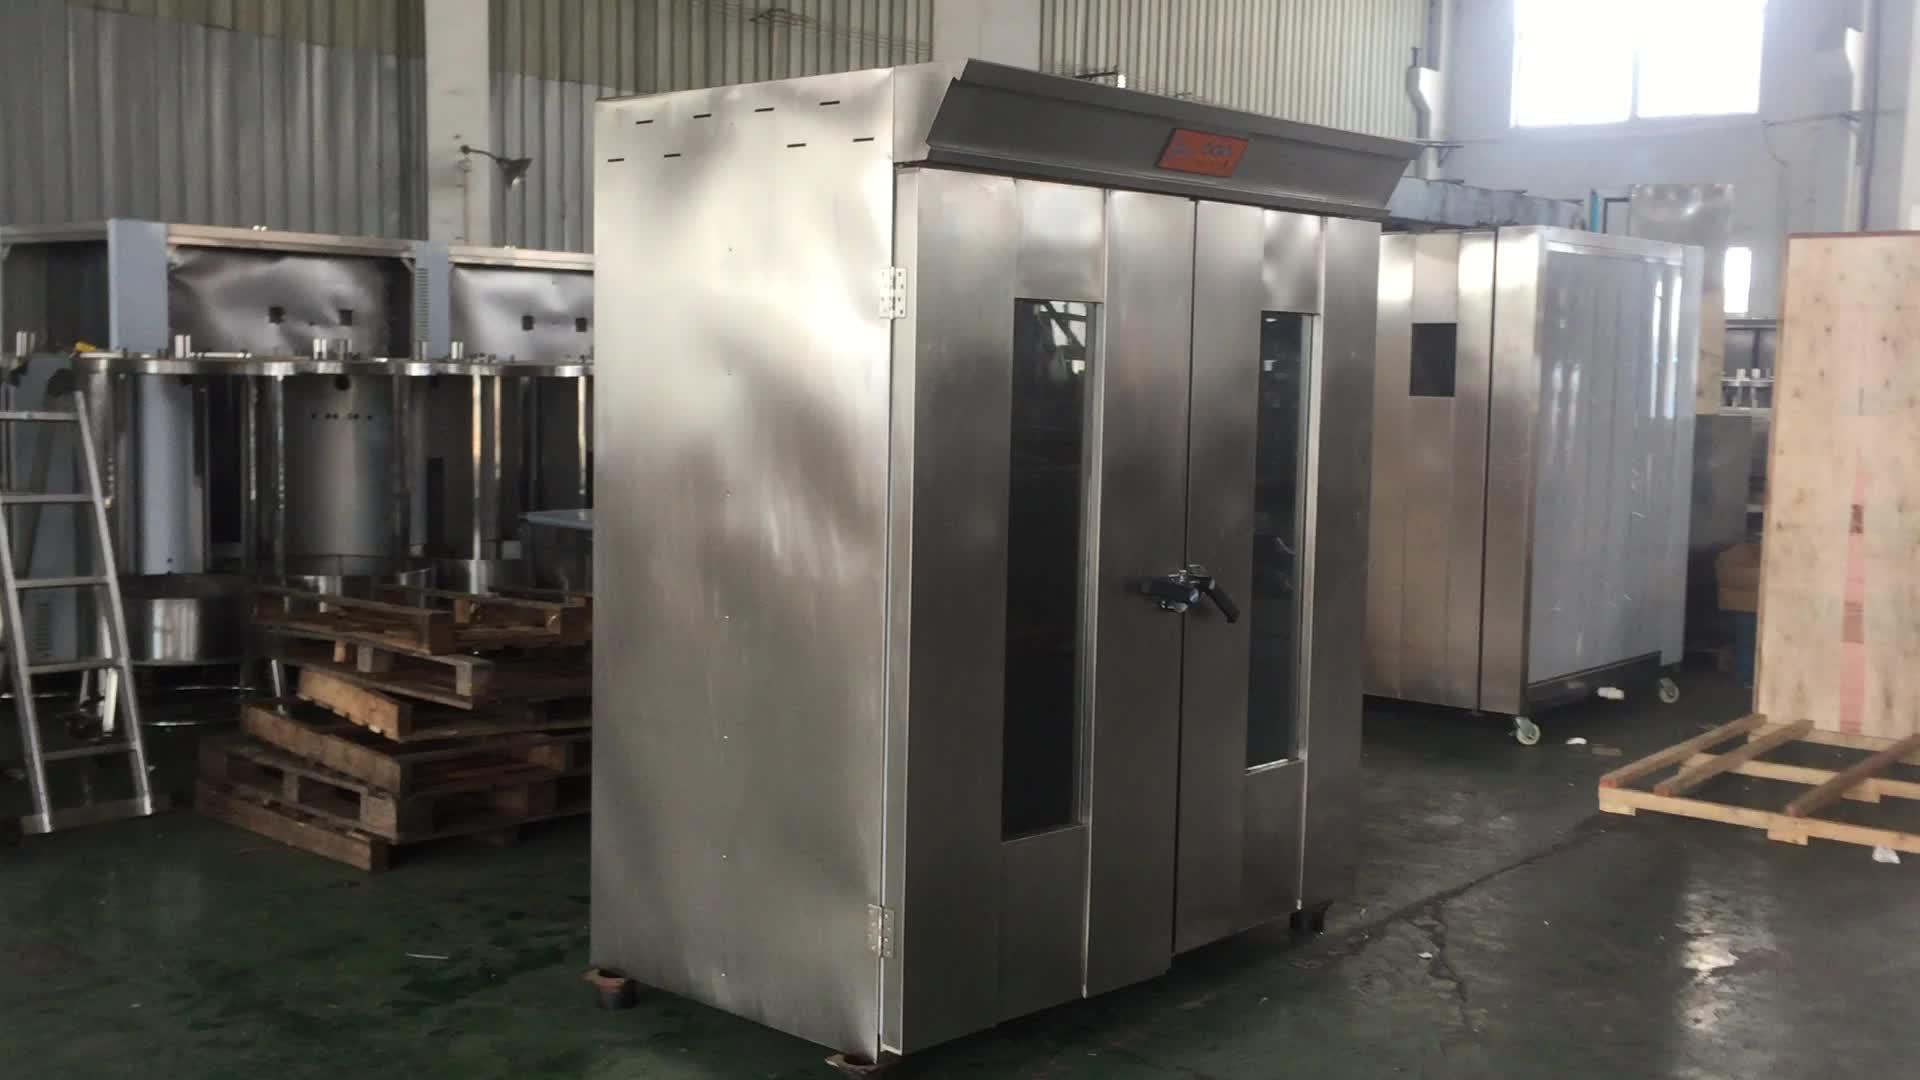 Doppel/Einzel Tür Kommerziellen Küche Ausrüstung Edelstahl Bäckerei Brot elektrische Fermenter spray prover backofen maschine